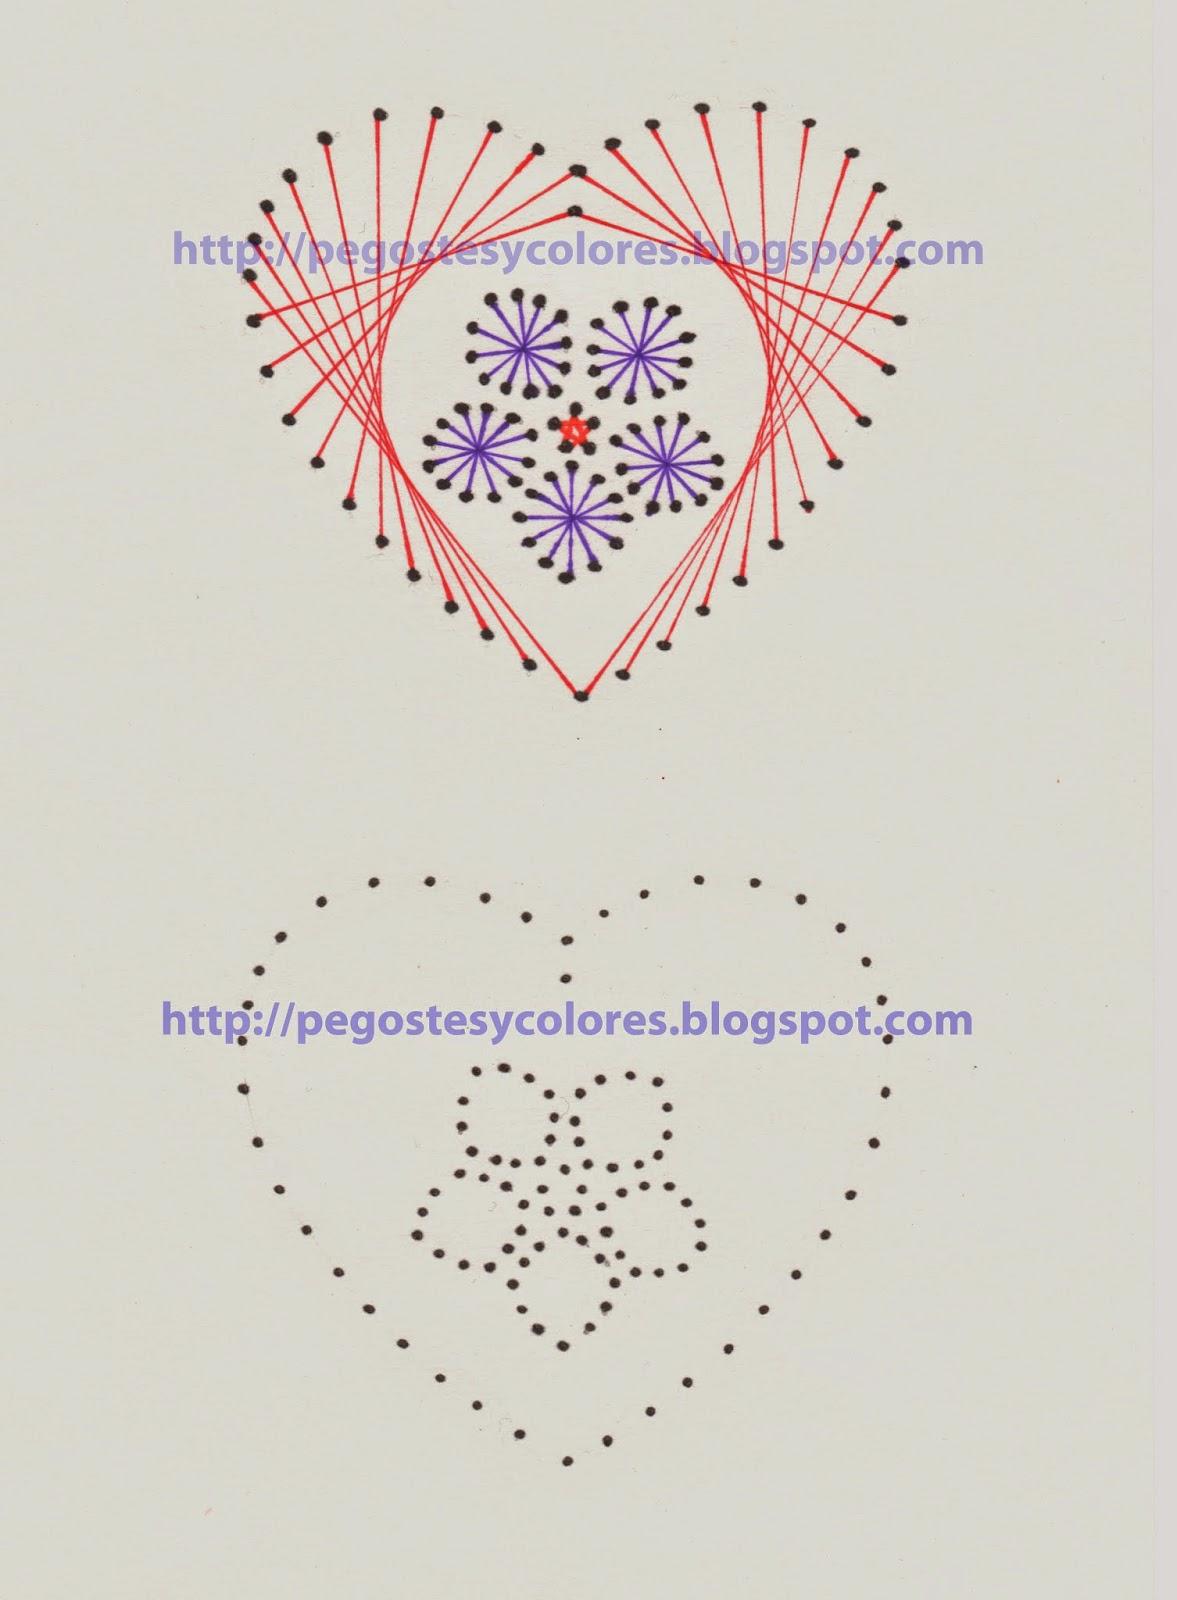 Pegostes y Colores: Tarjeta de Corazon con Flor Bordada en Papel